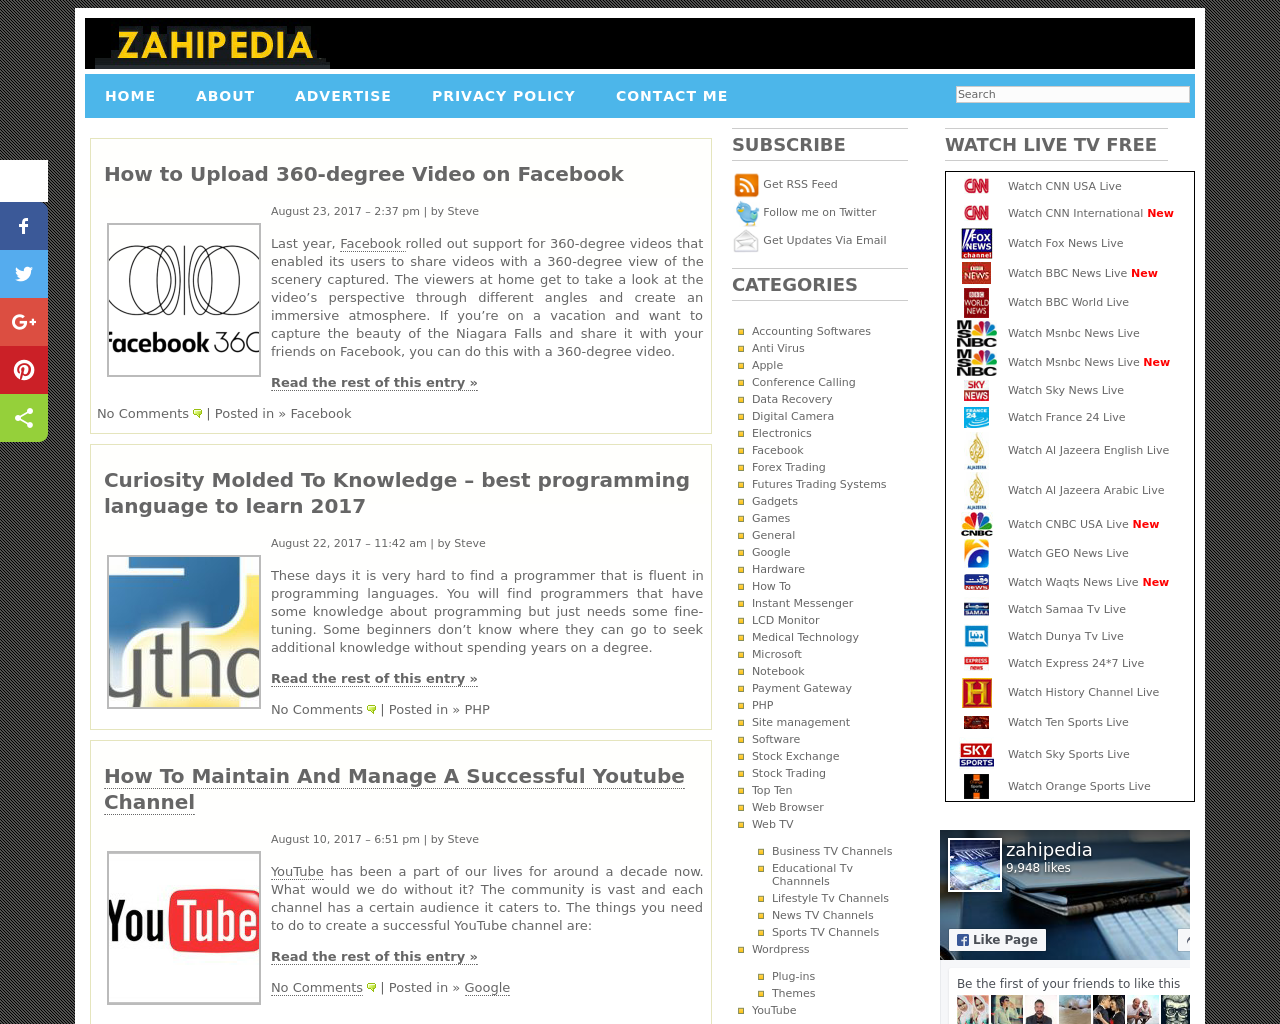 Zahipedia-Advertising-Reviews-Pricing